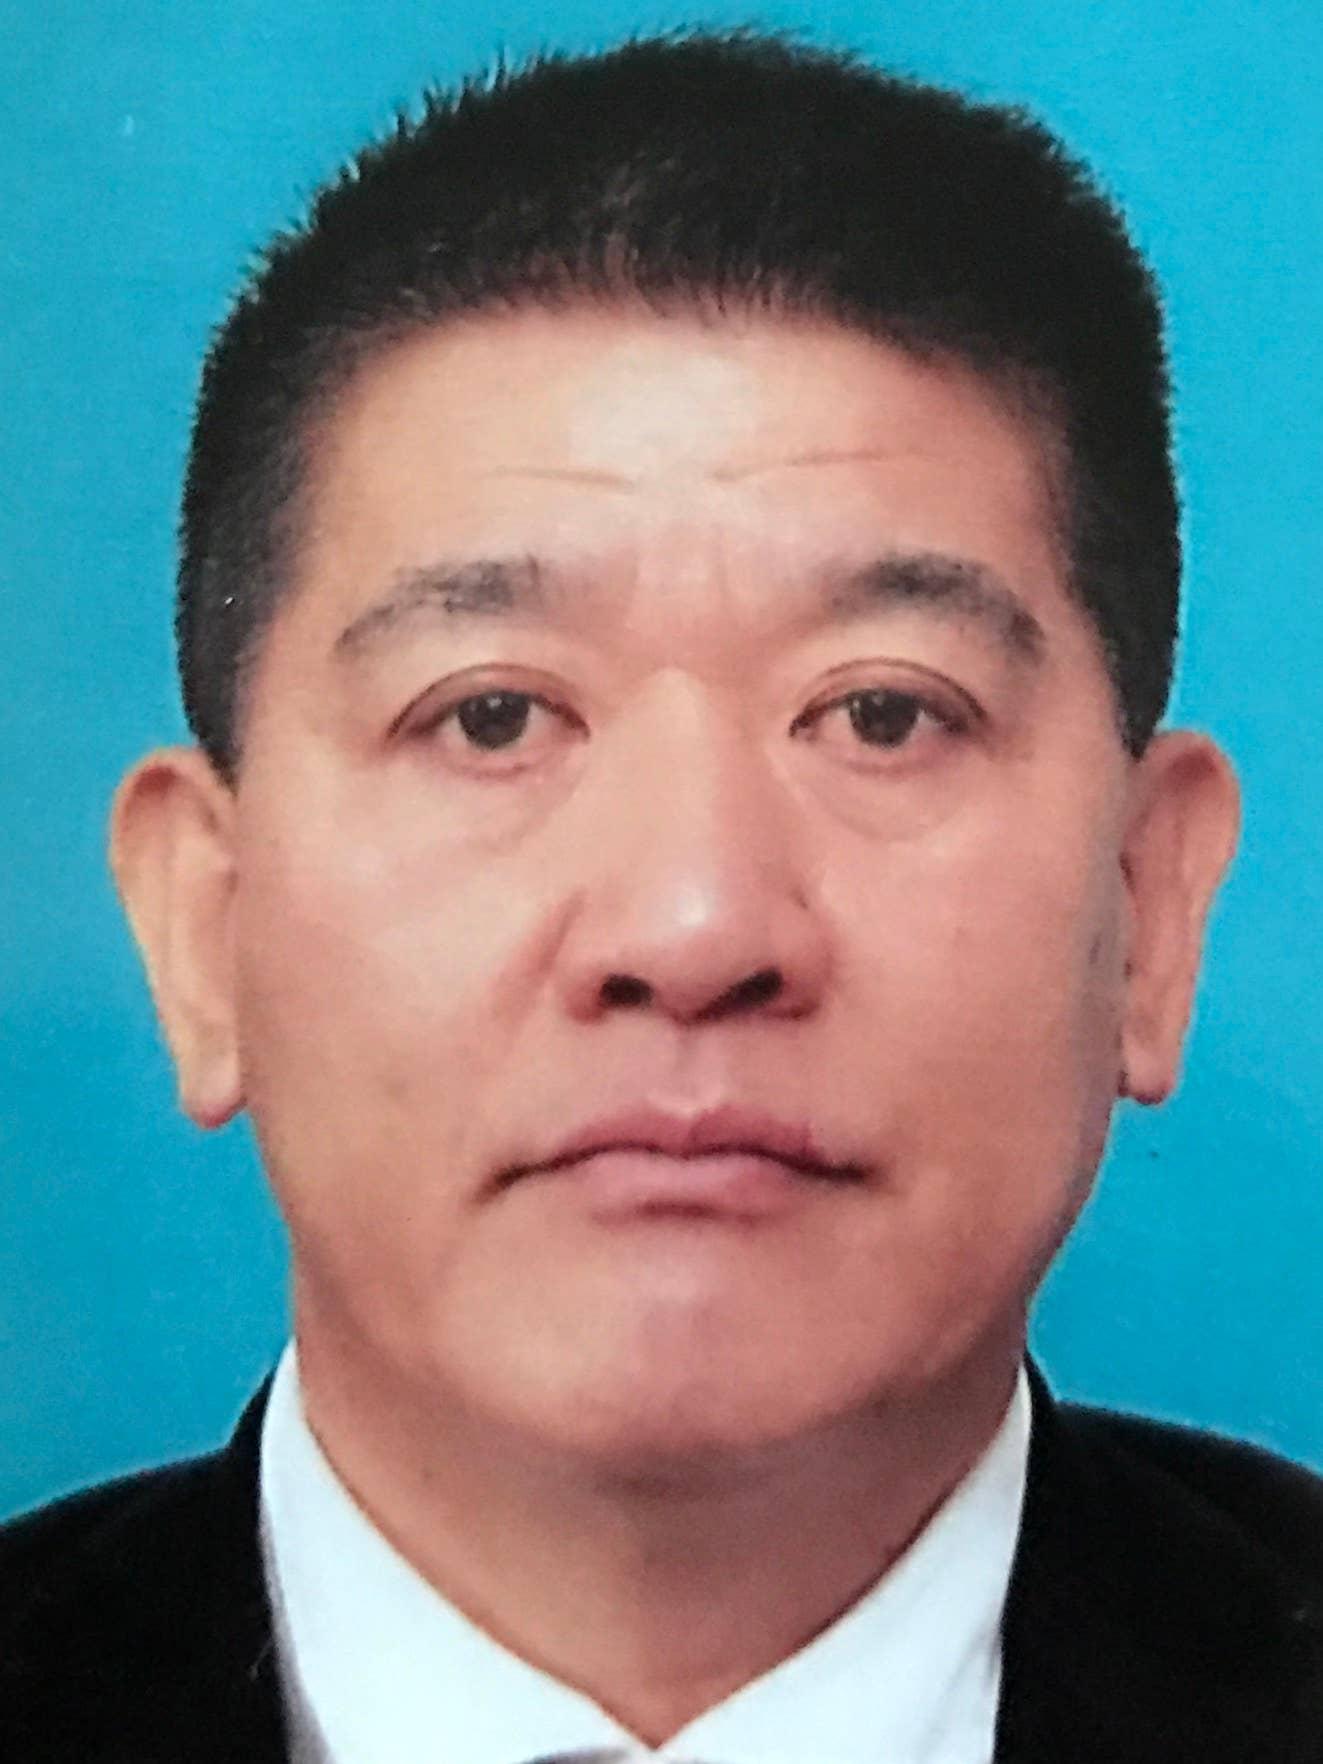 Tsukasa Yamauchi